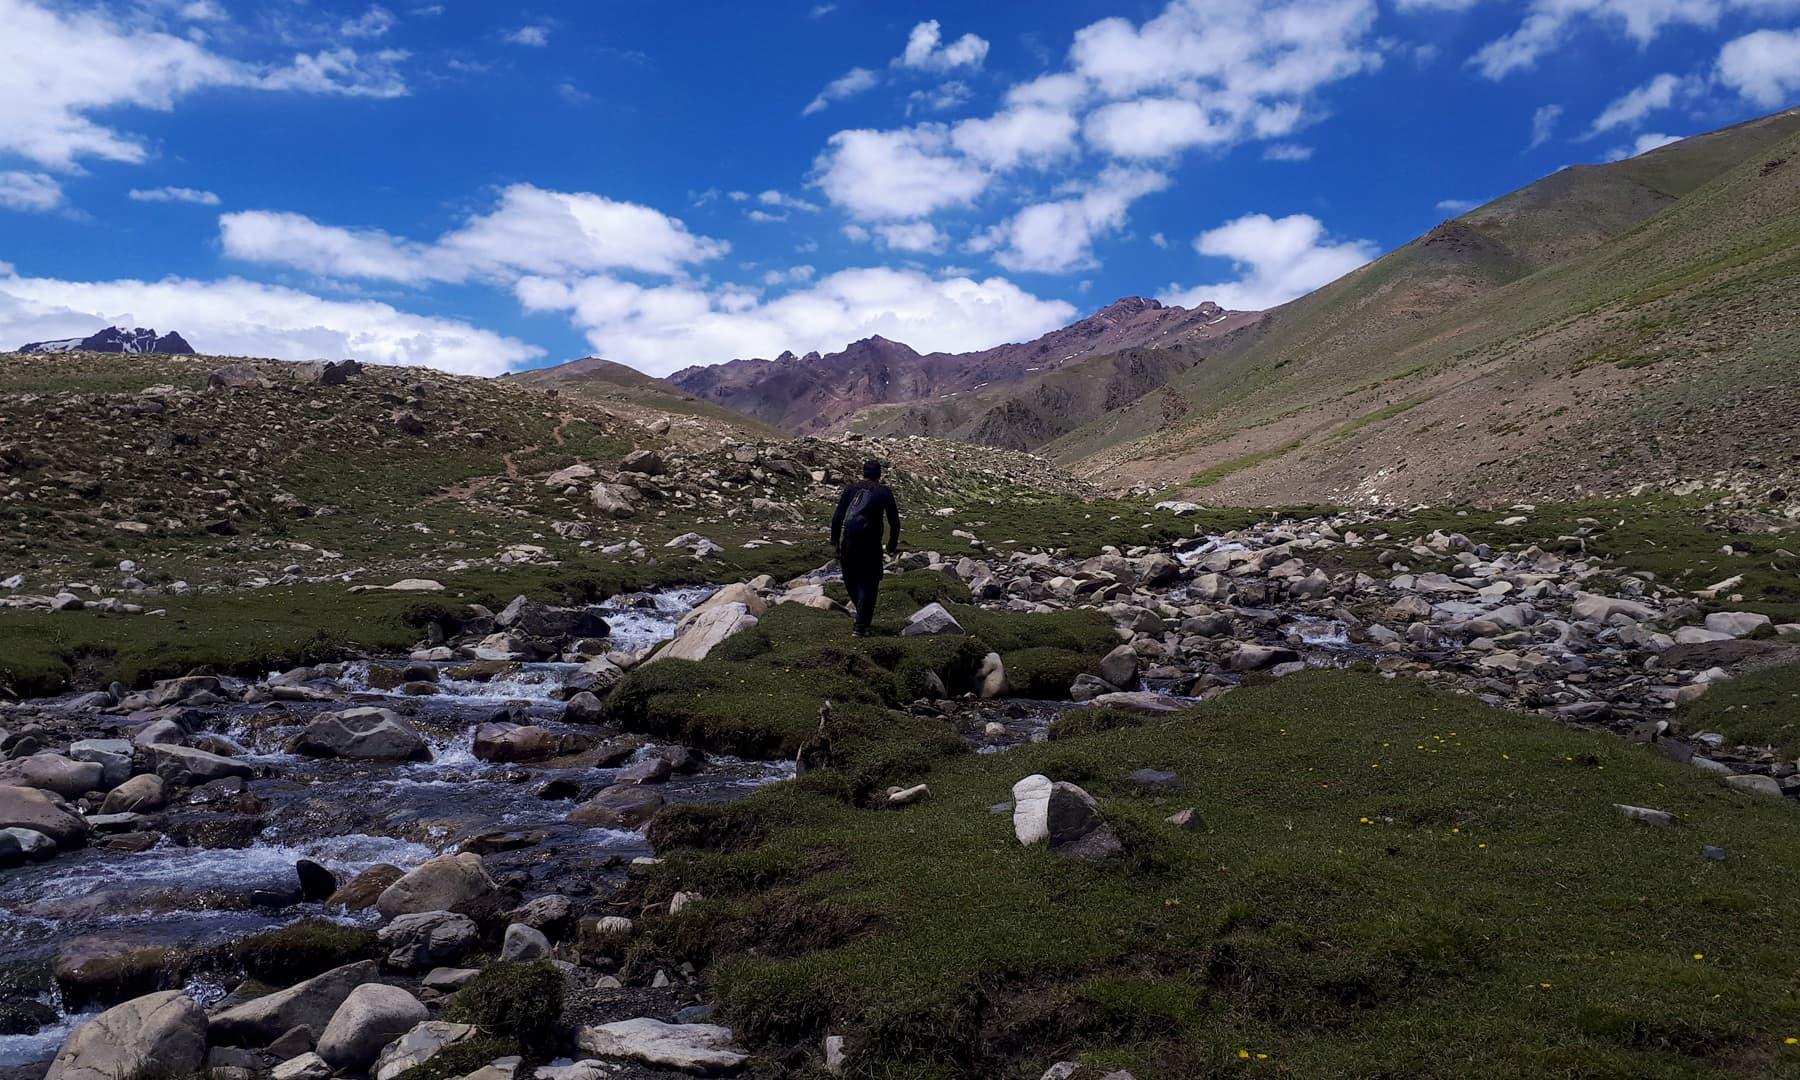 جھیل سے قبل آنے والے چھوٹے چھوٹے پتھروں کی وجہ سے راستہ دشوار گزار بن جاتا ہے